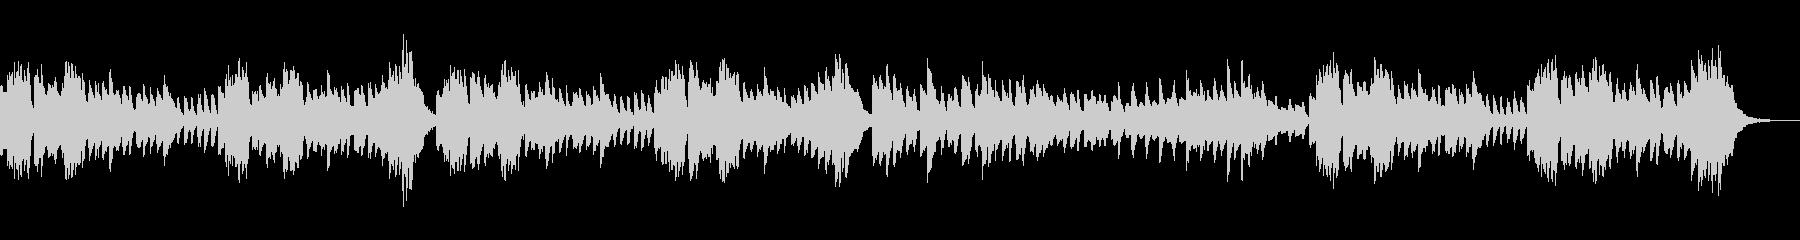 ピアノ練習曲/ブルグミュラー進歩の未再生の波形